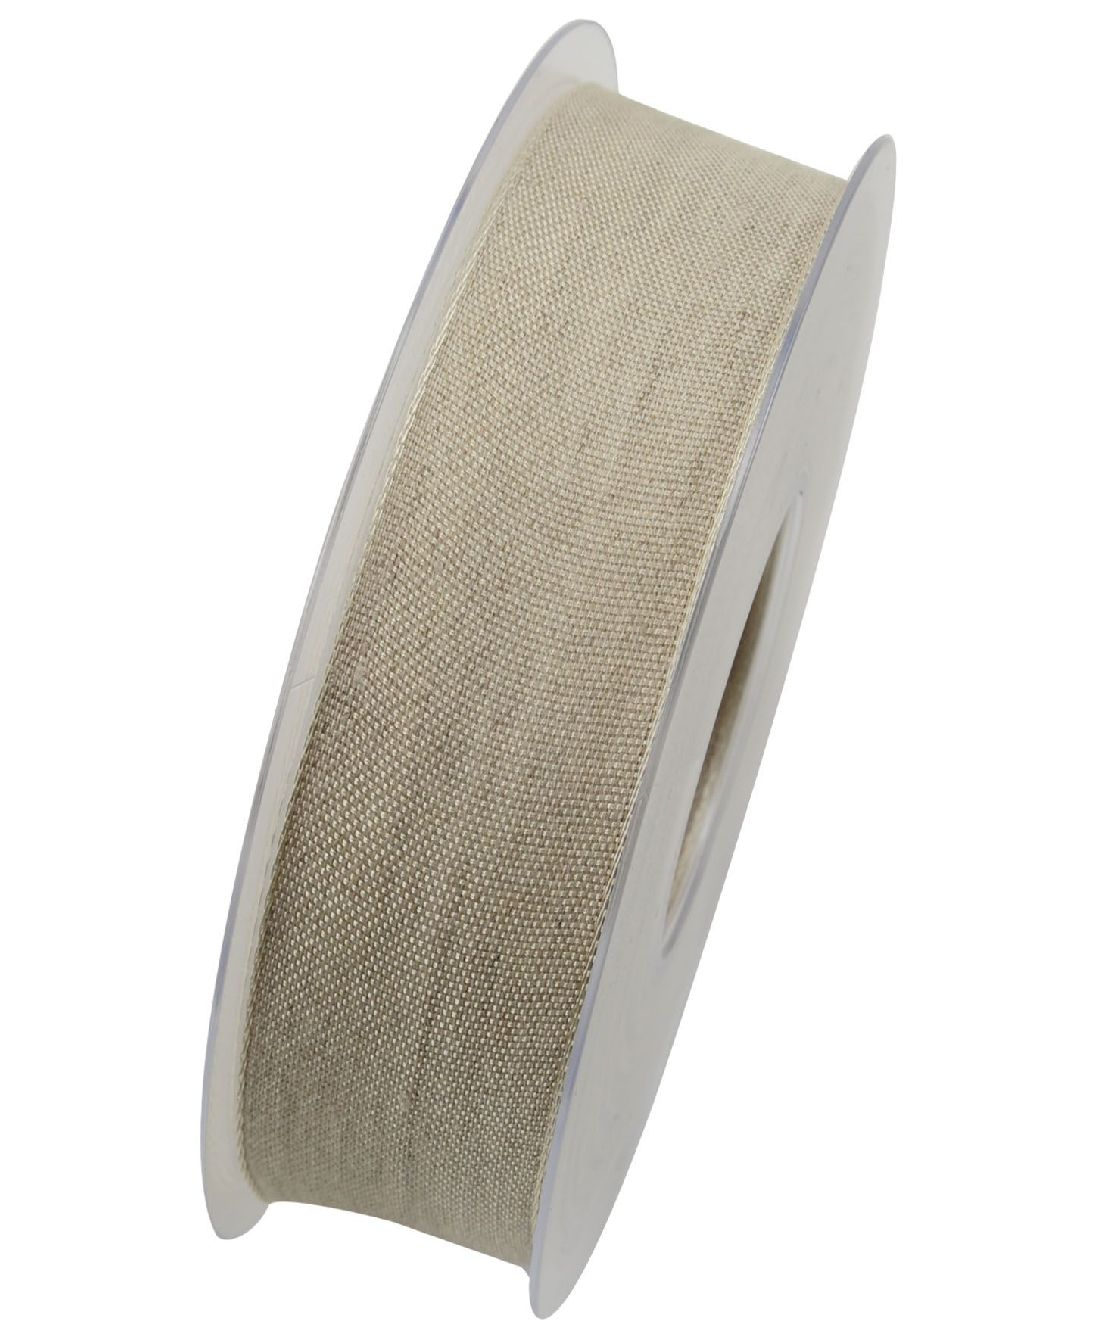 Band Botswana Leinenband NATUR X092 02 25mm  20Meter Drahtkante